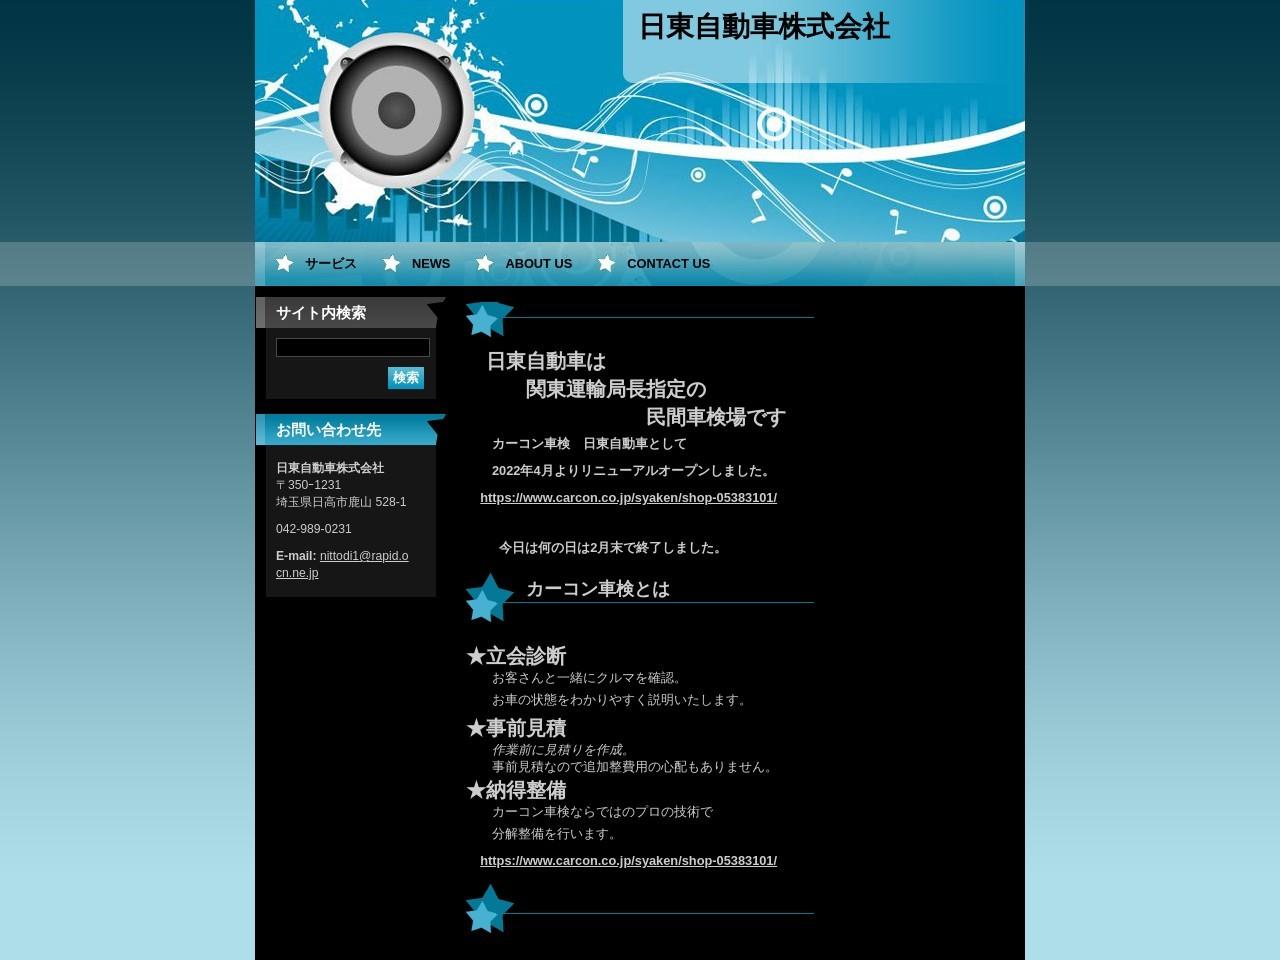 日東自動車株式会社